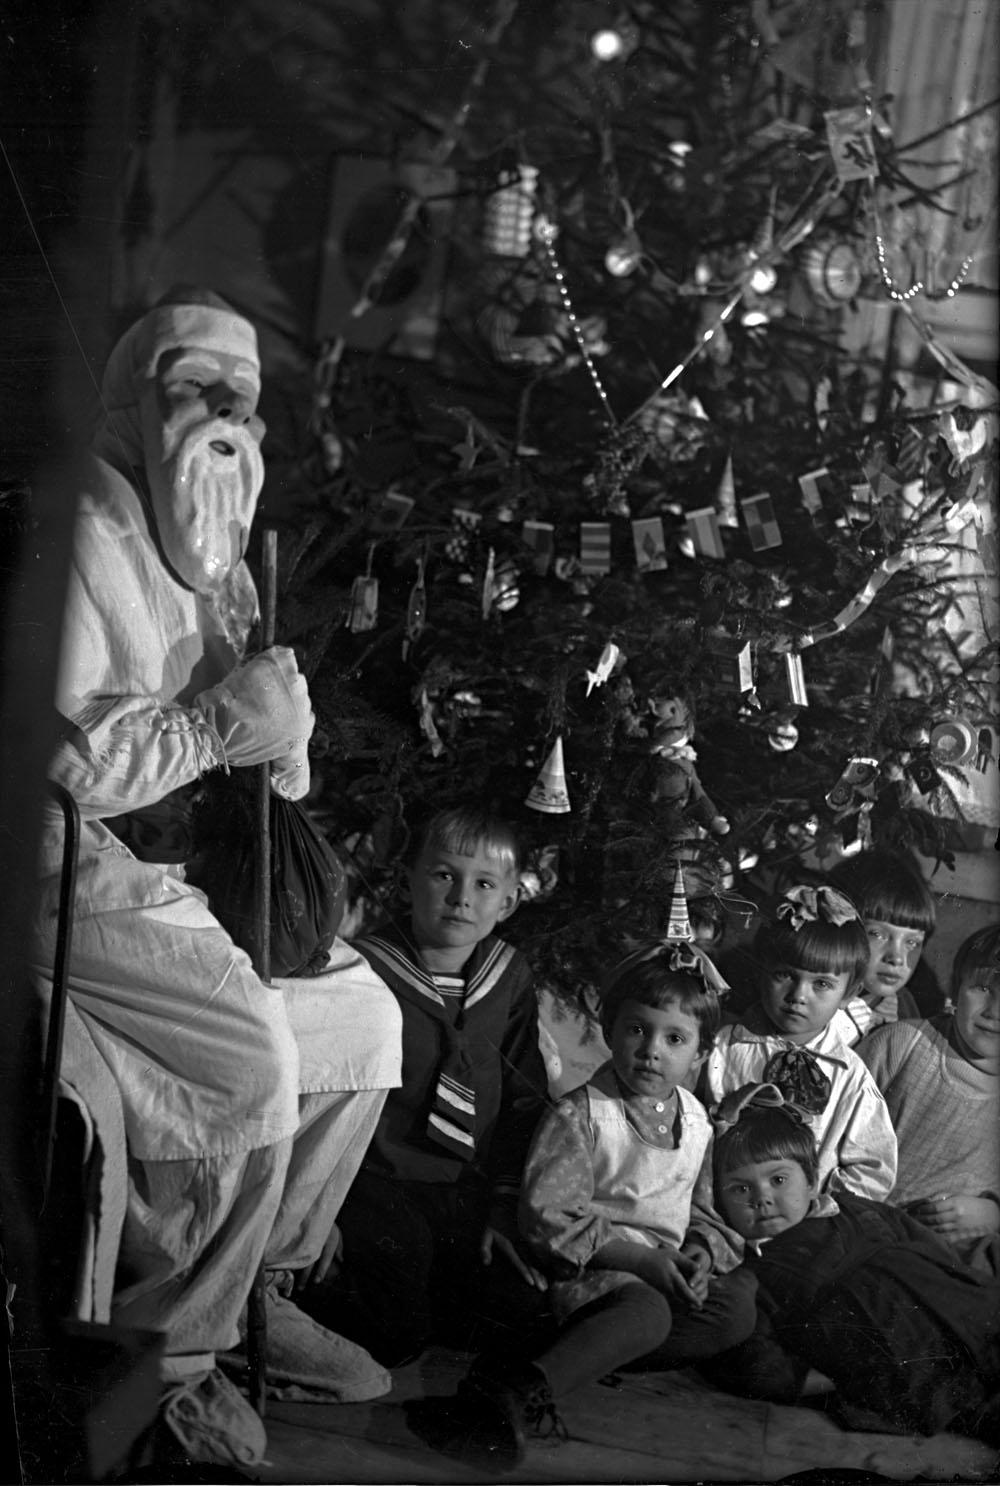 1930-е. Дед Мороз с детьми на новогодней ёлке. Автор Я. Берлин.